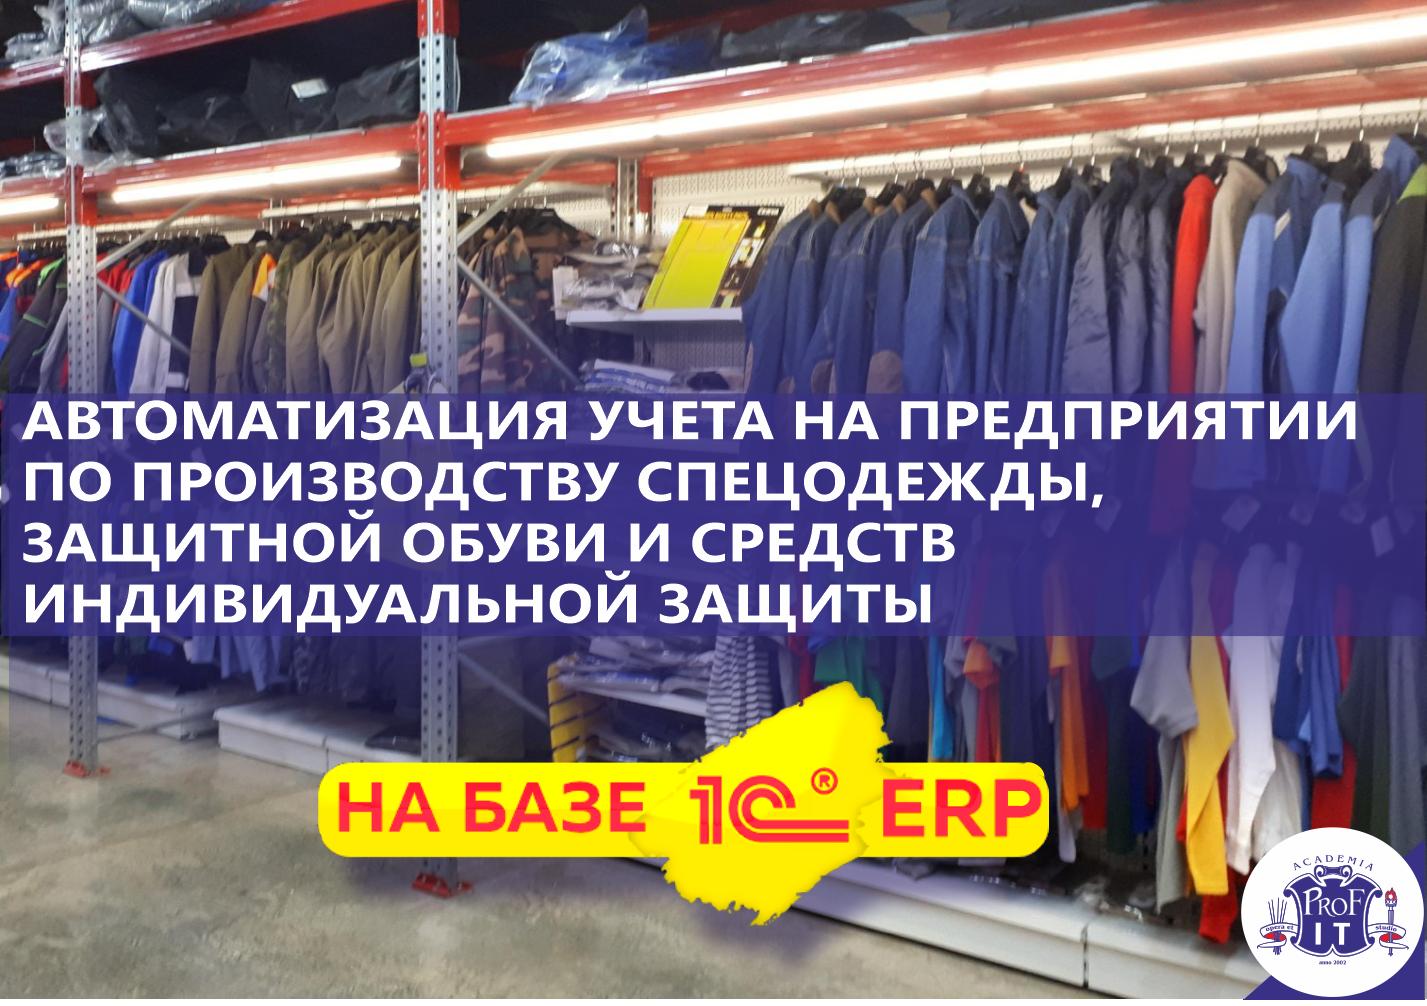 ERP на производстве спецодежды